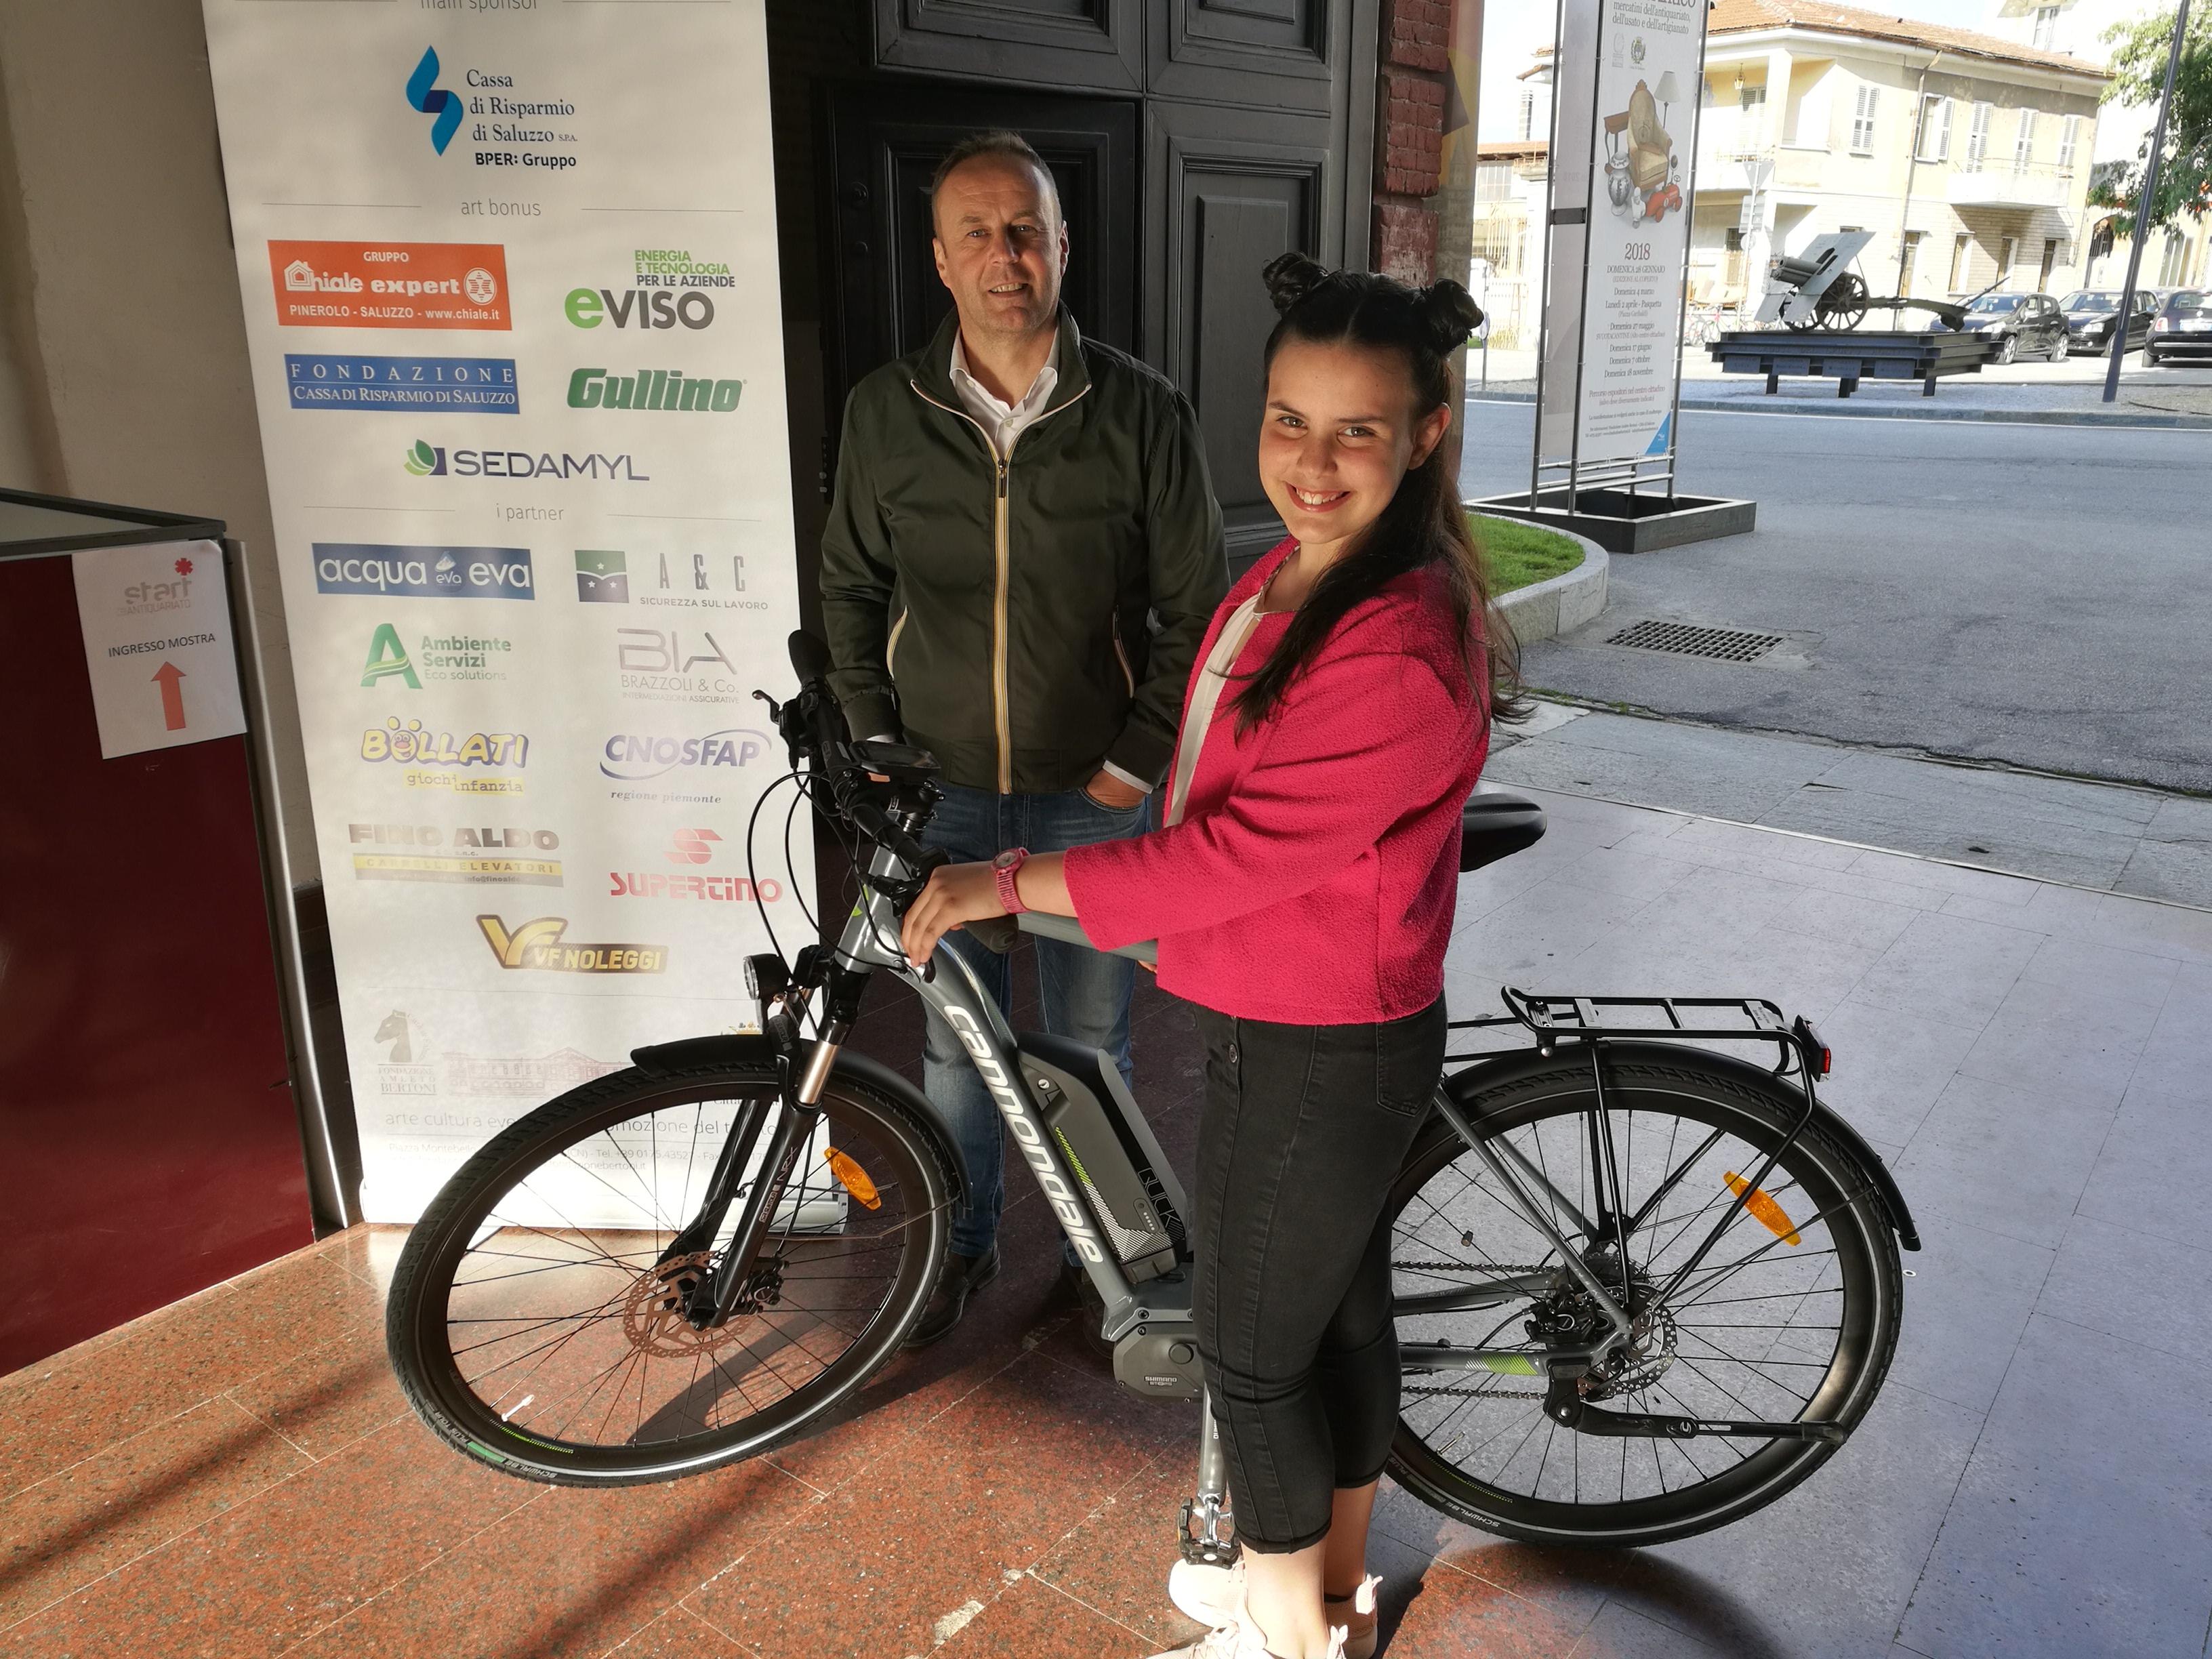 La consegna della biciletta in palio alla Lotteria del Carnevale di Saluzzo